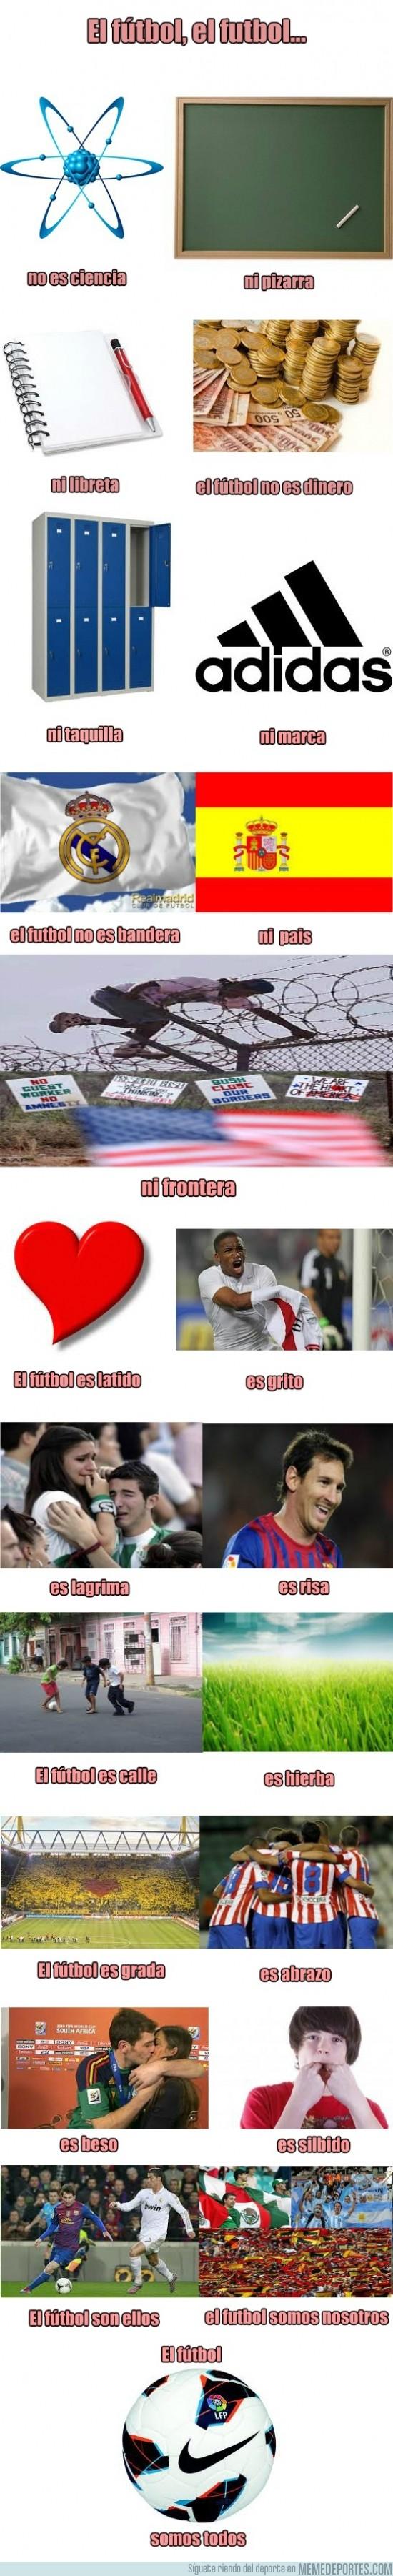 117018 - El fútbol...